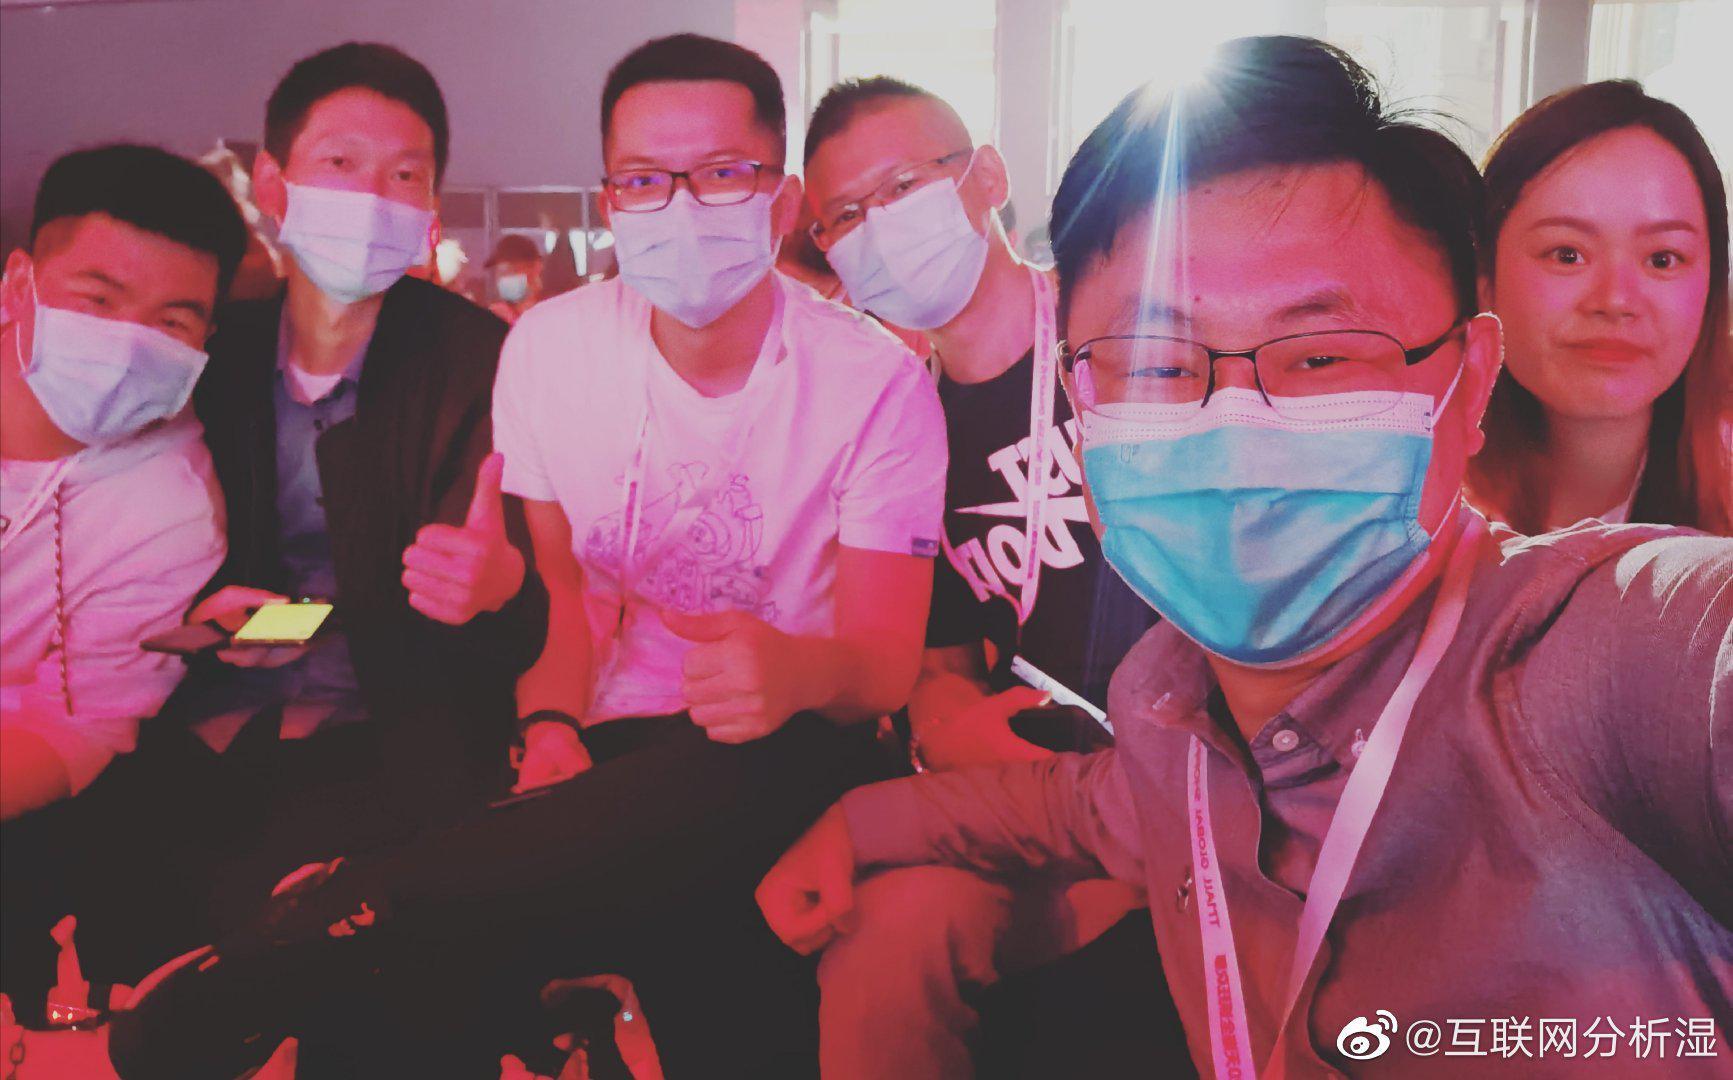 马不停蹄的赶到上海参加一年一度的天猫双十一新闻发布会……